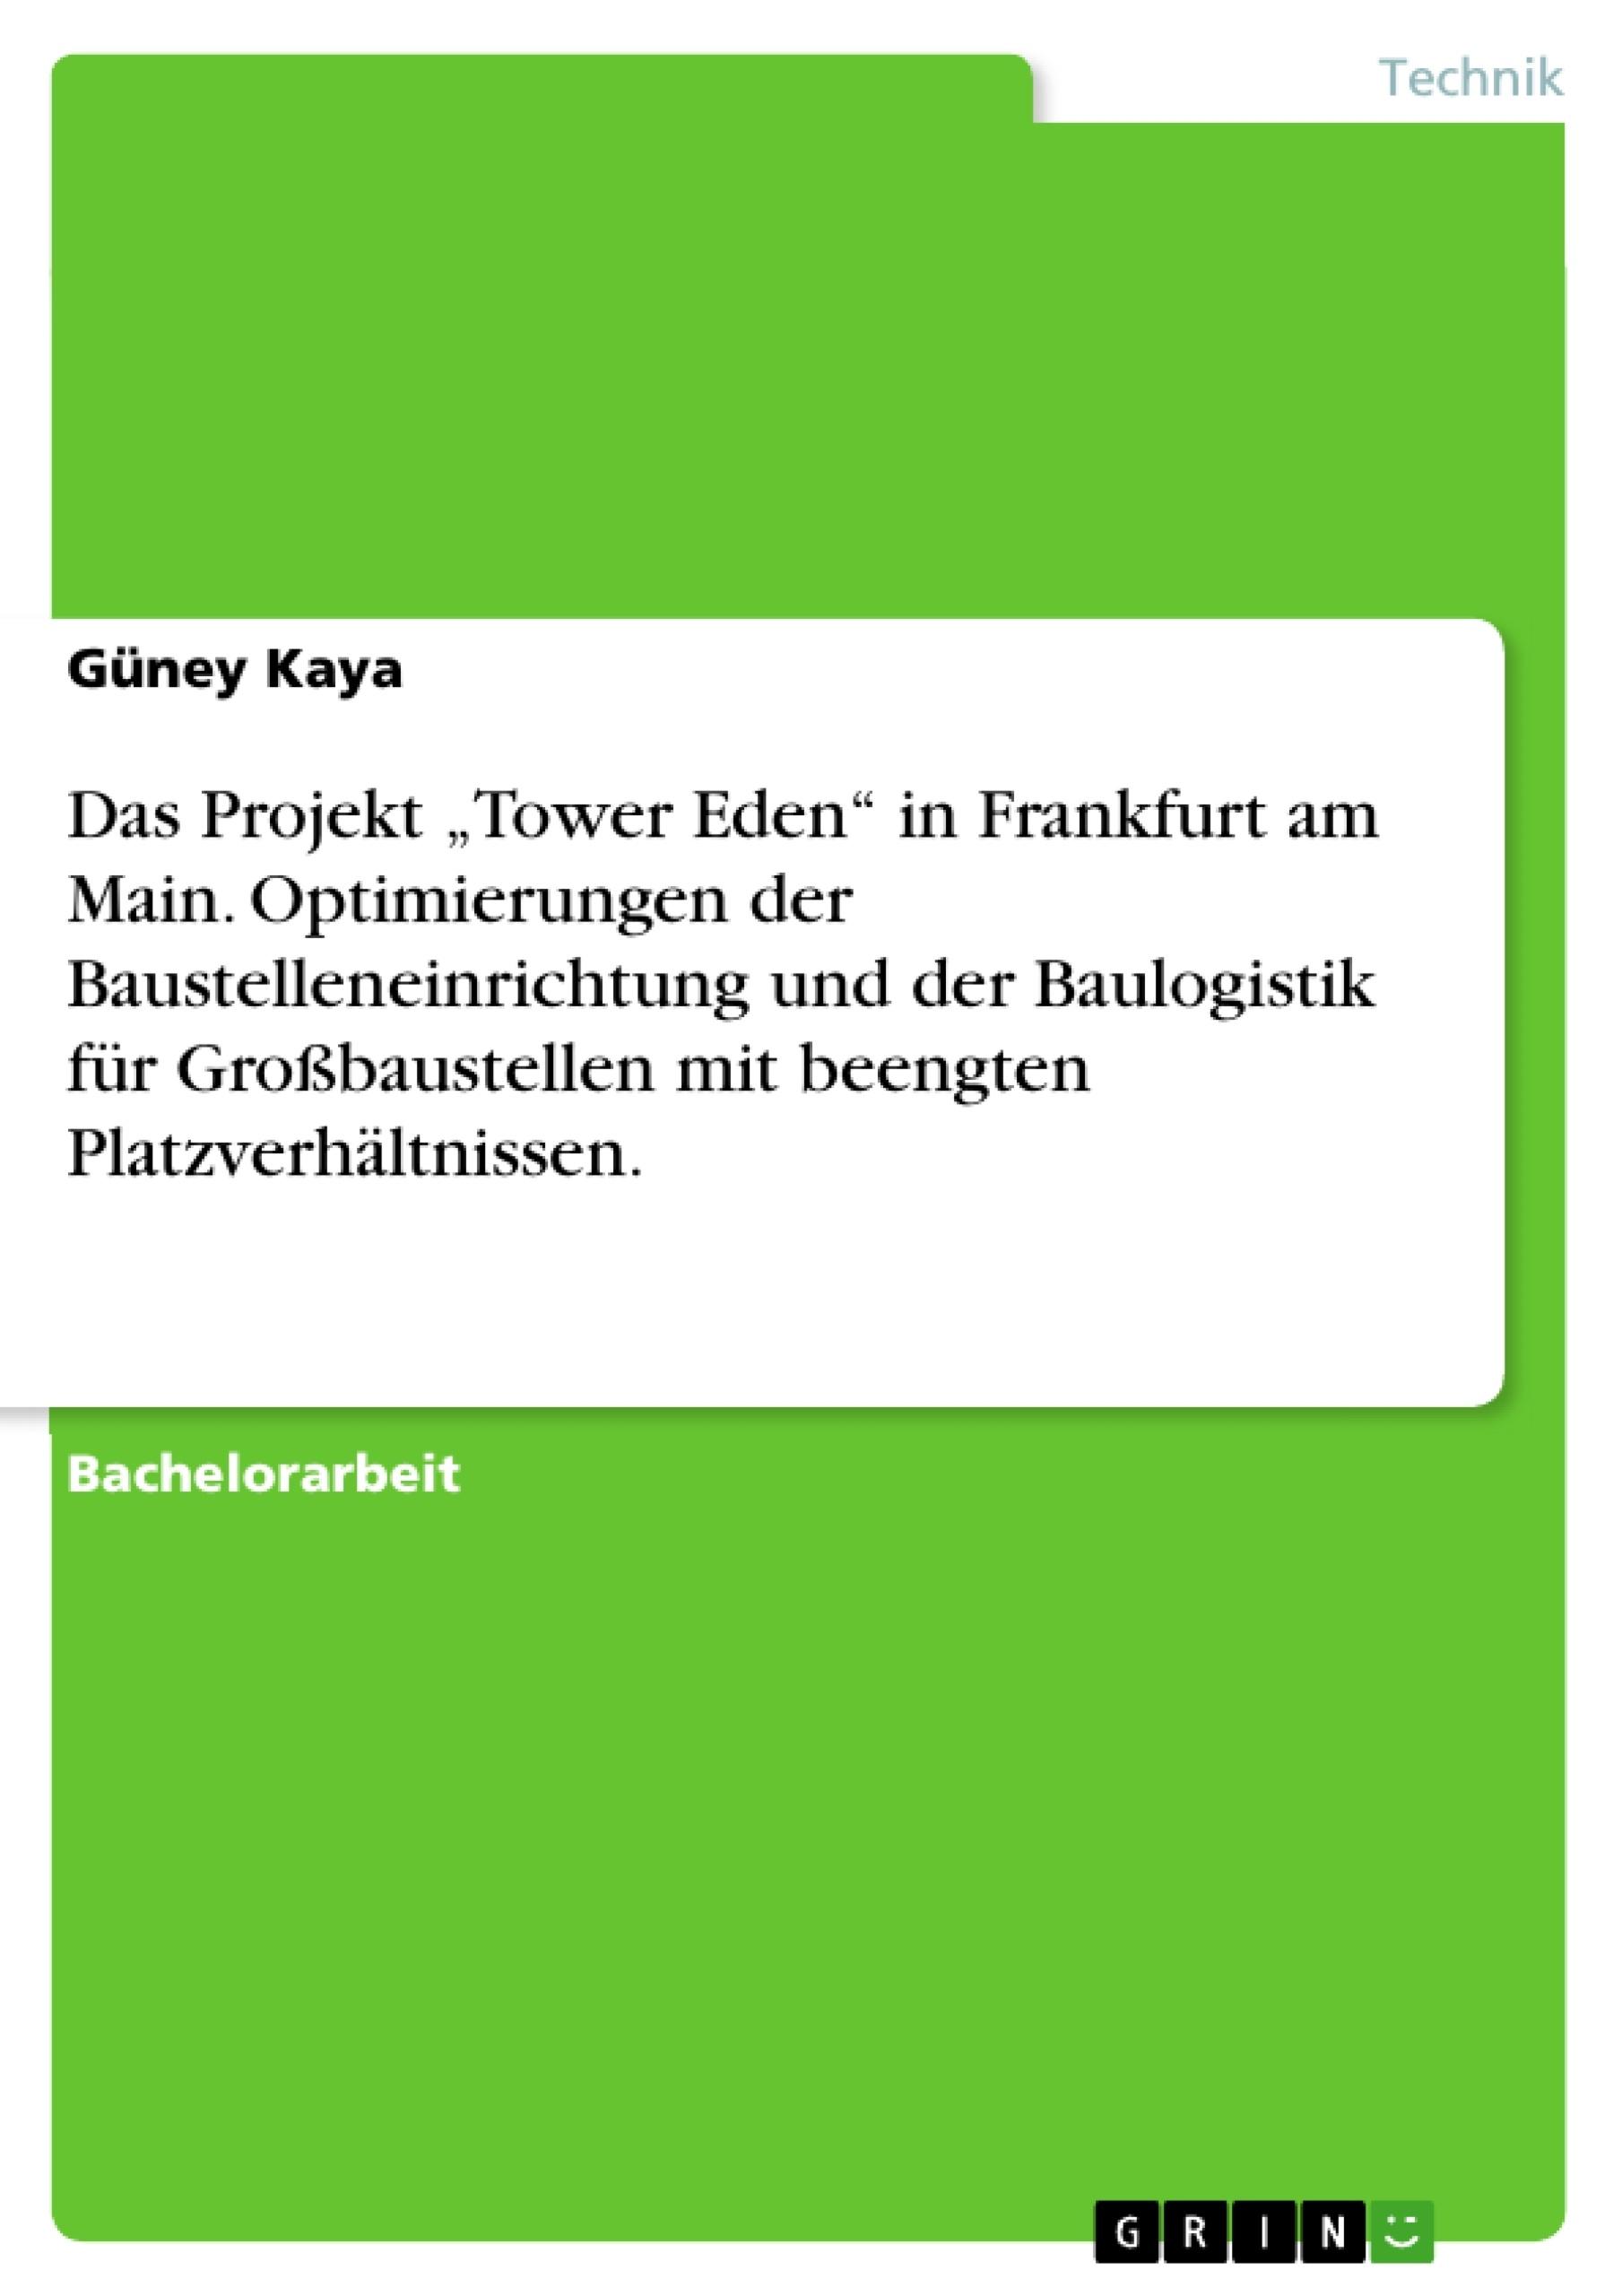 """Titel: Das Projekt """"Tower Eden"""" in Frankfurt am Main. Optimierungen der Baustelleneinrichtung und der Baulogistik für Großbaustellen mit beengten Platzverhältnissen."""